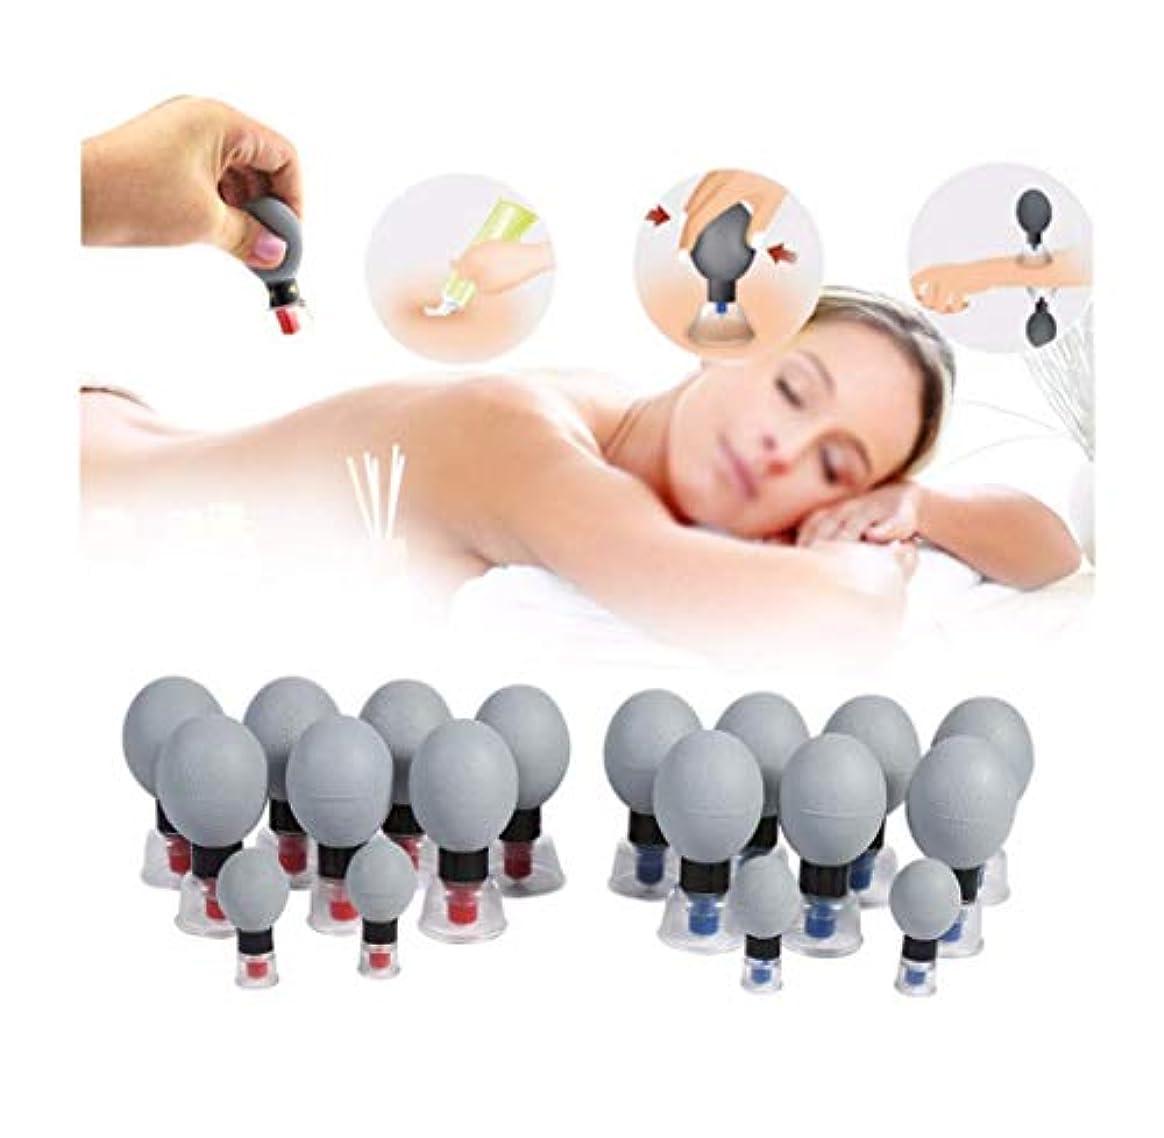 製造業囲まれた多分真空カッピングセット、TCM磁気療法指圧吸引カップ、マッサージ筋肉関節痛を軽減する鍼灸マッサージジャー,18pieces